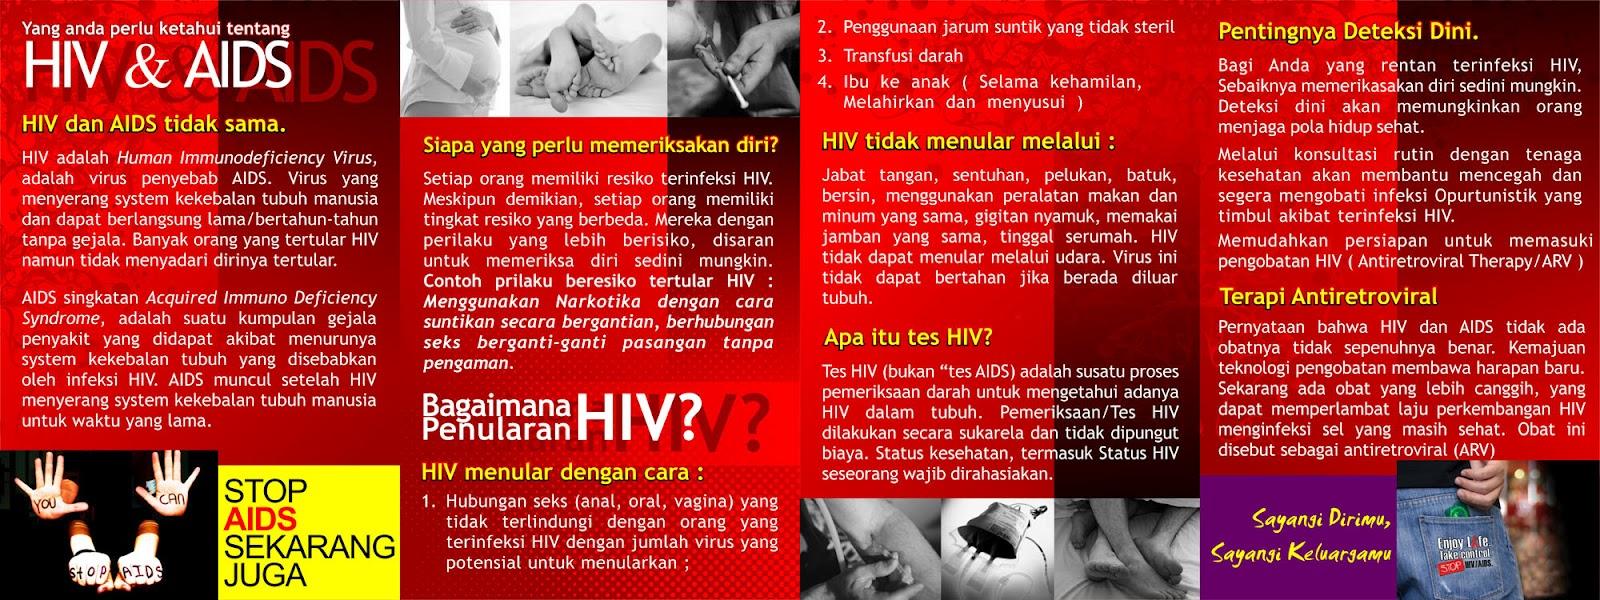 Kpa Prov Ntt Yang Anda Perlu Ketahui Tentang Hiv Aids